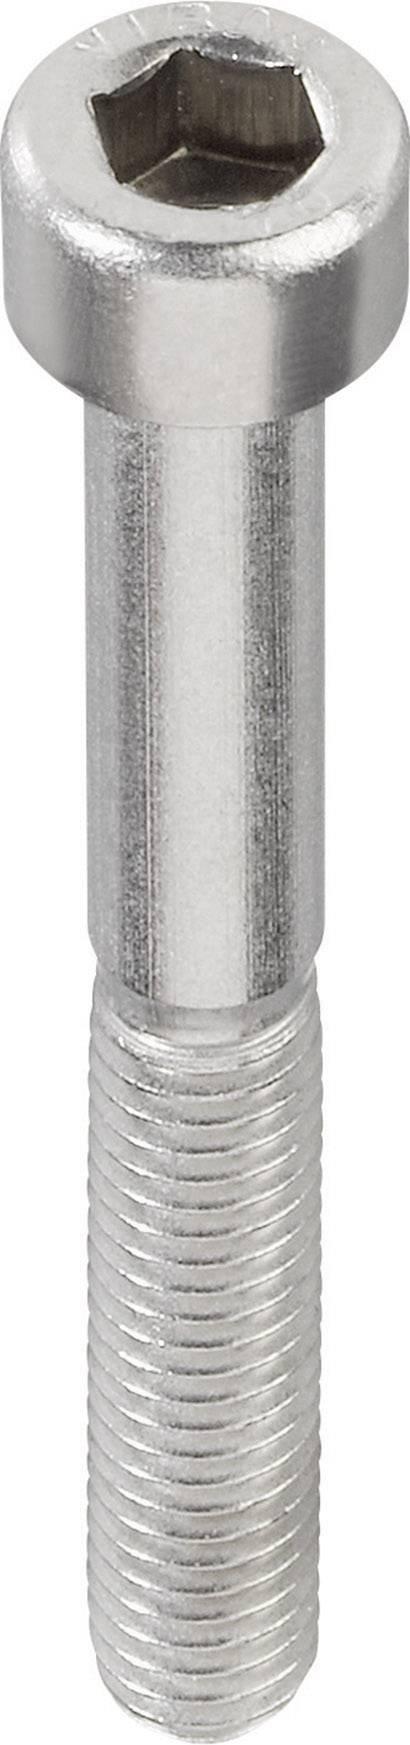 100 x  Zylinderschrauben mit Innensechskant DIN 912 A 2-70 M 5 x 25 A 2